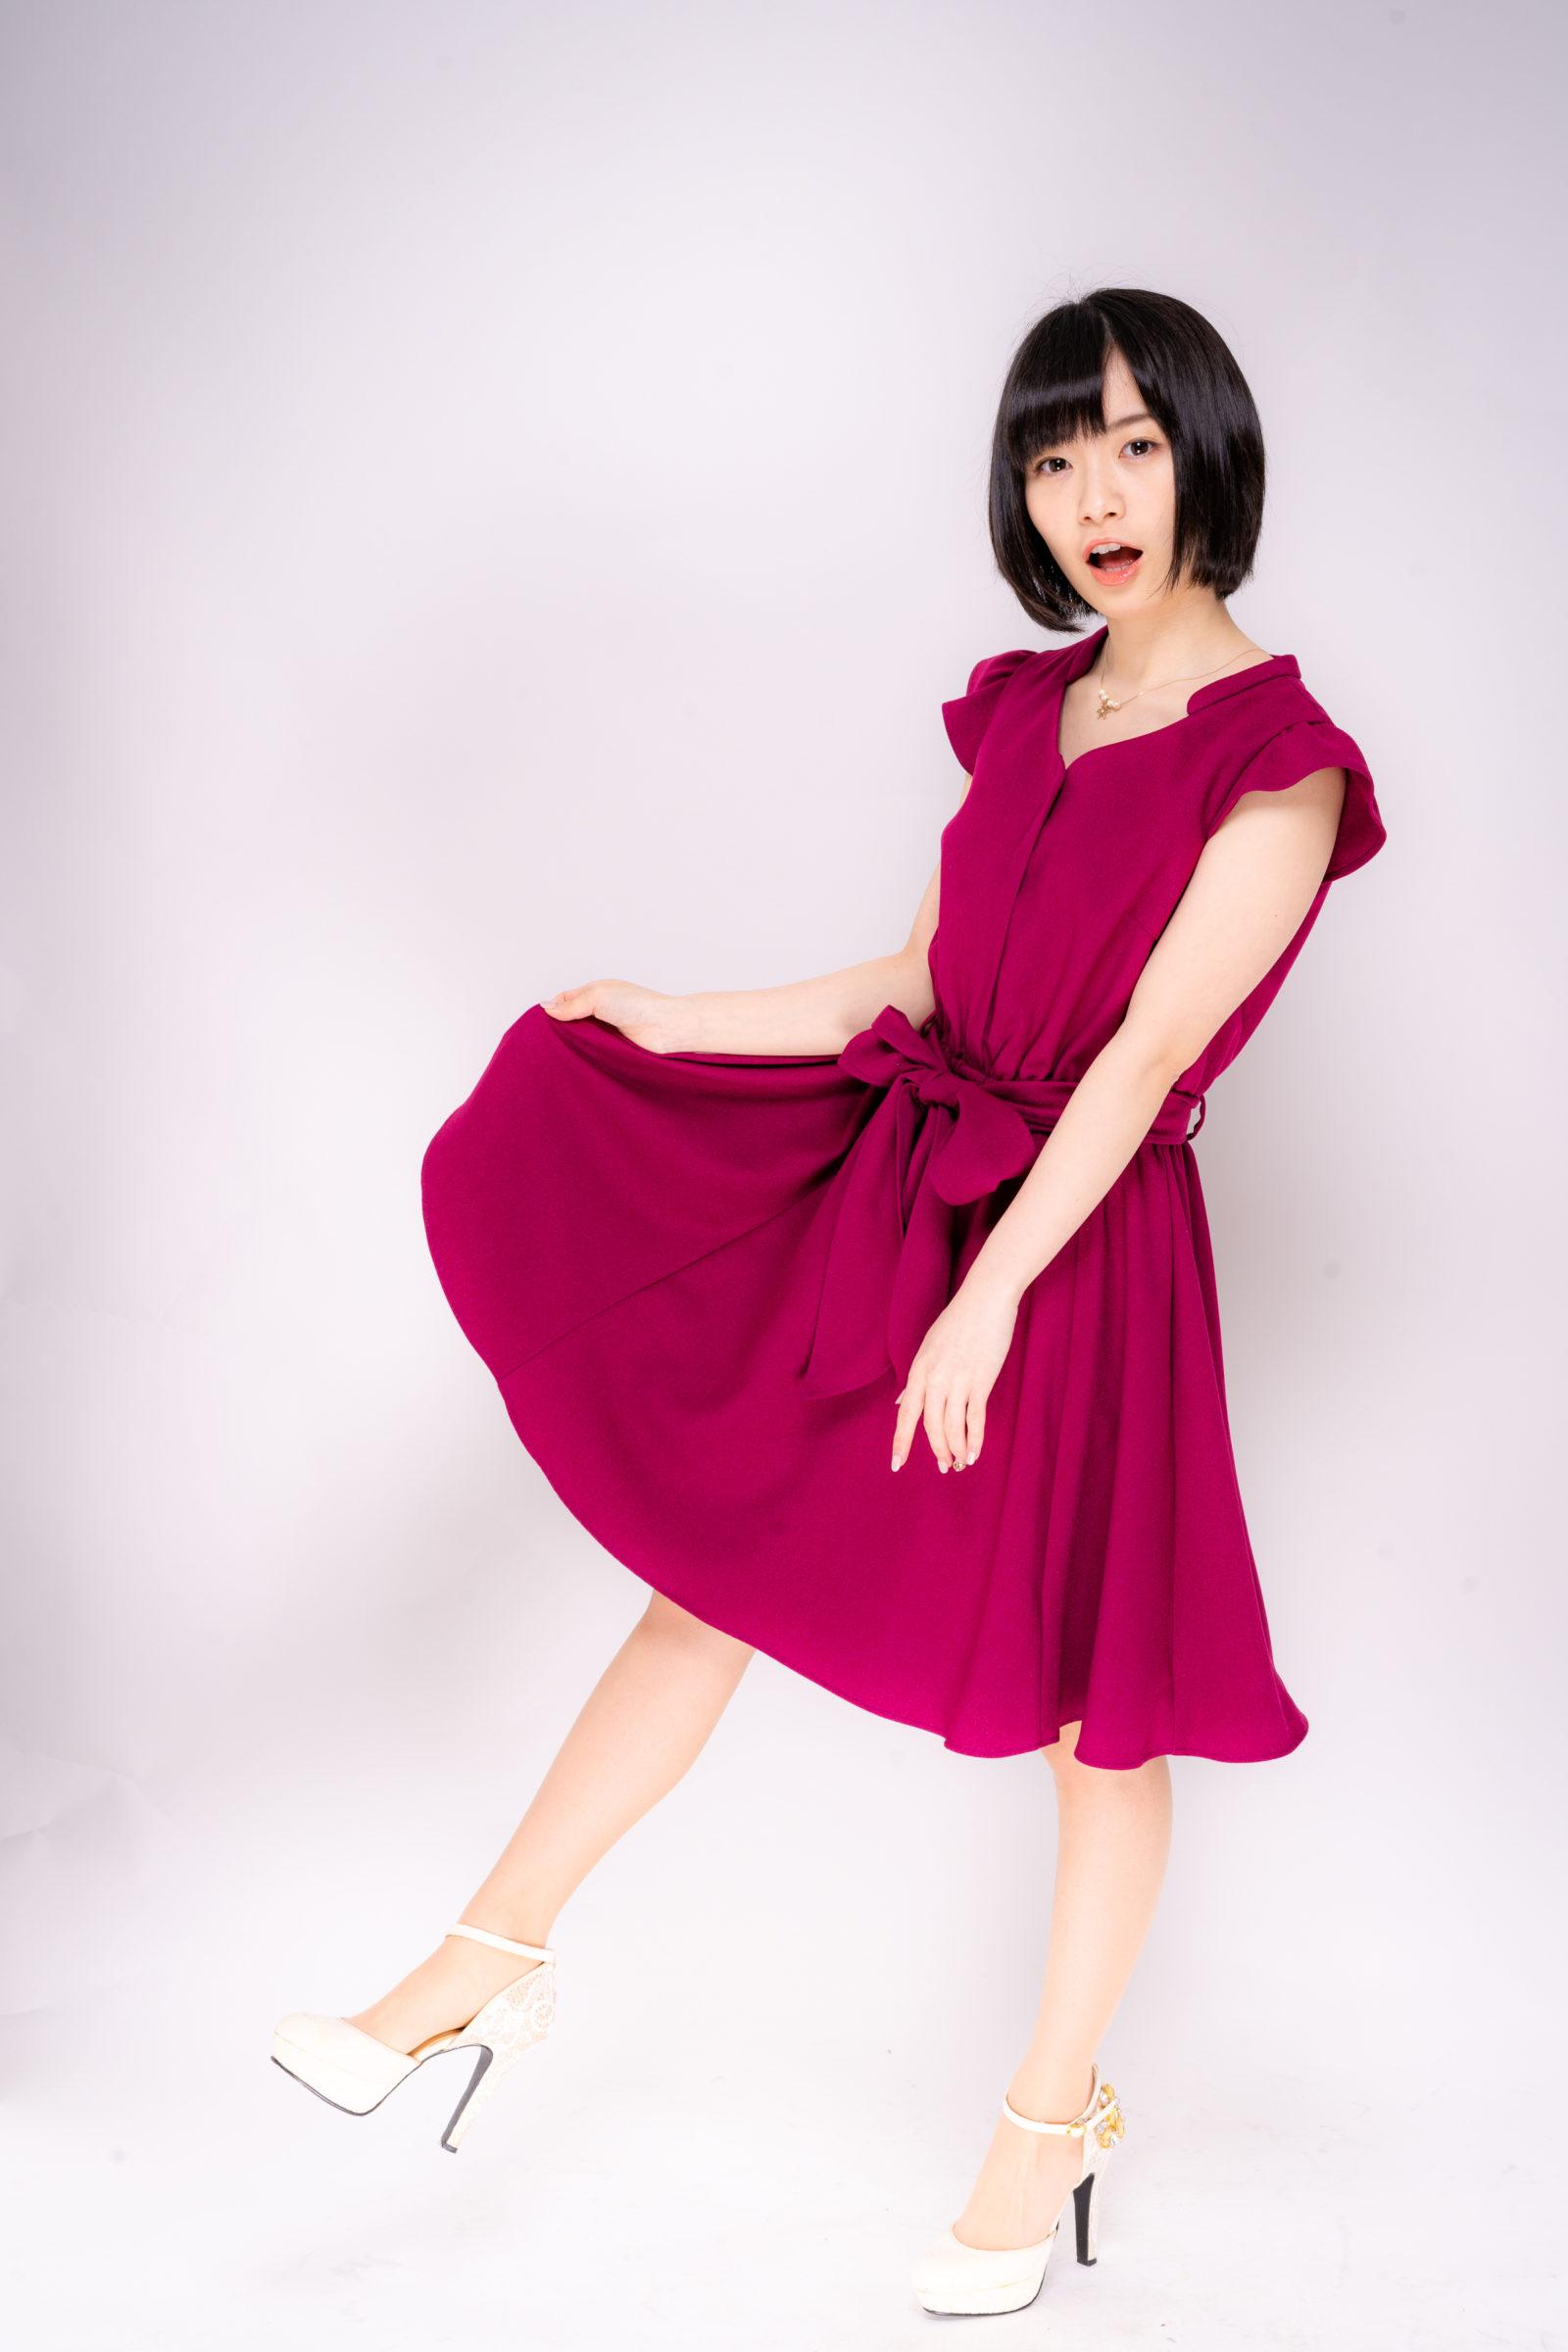 2代目HAPPY少女♪ みっちょ ( 本田みく ) | ミスiD写真集企画発売記念撮影会